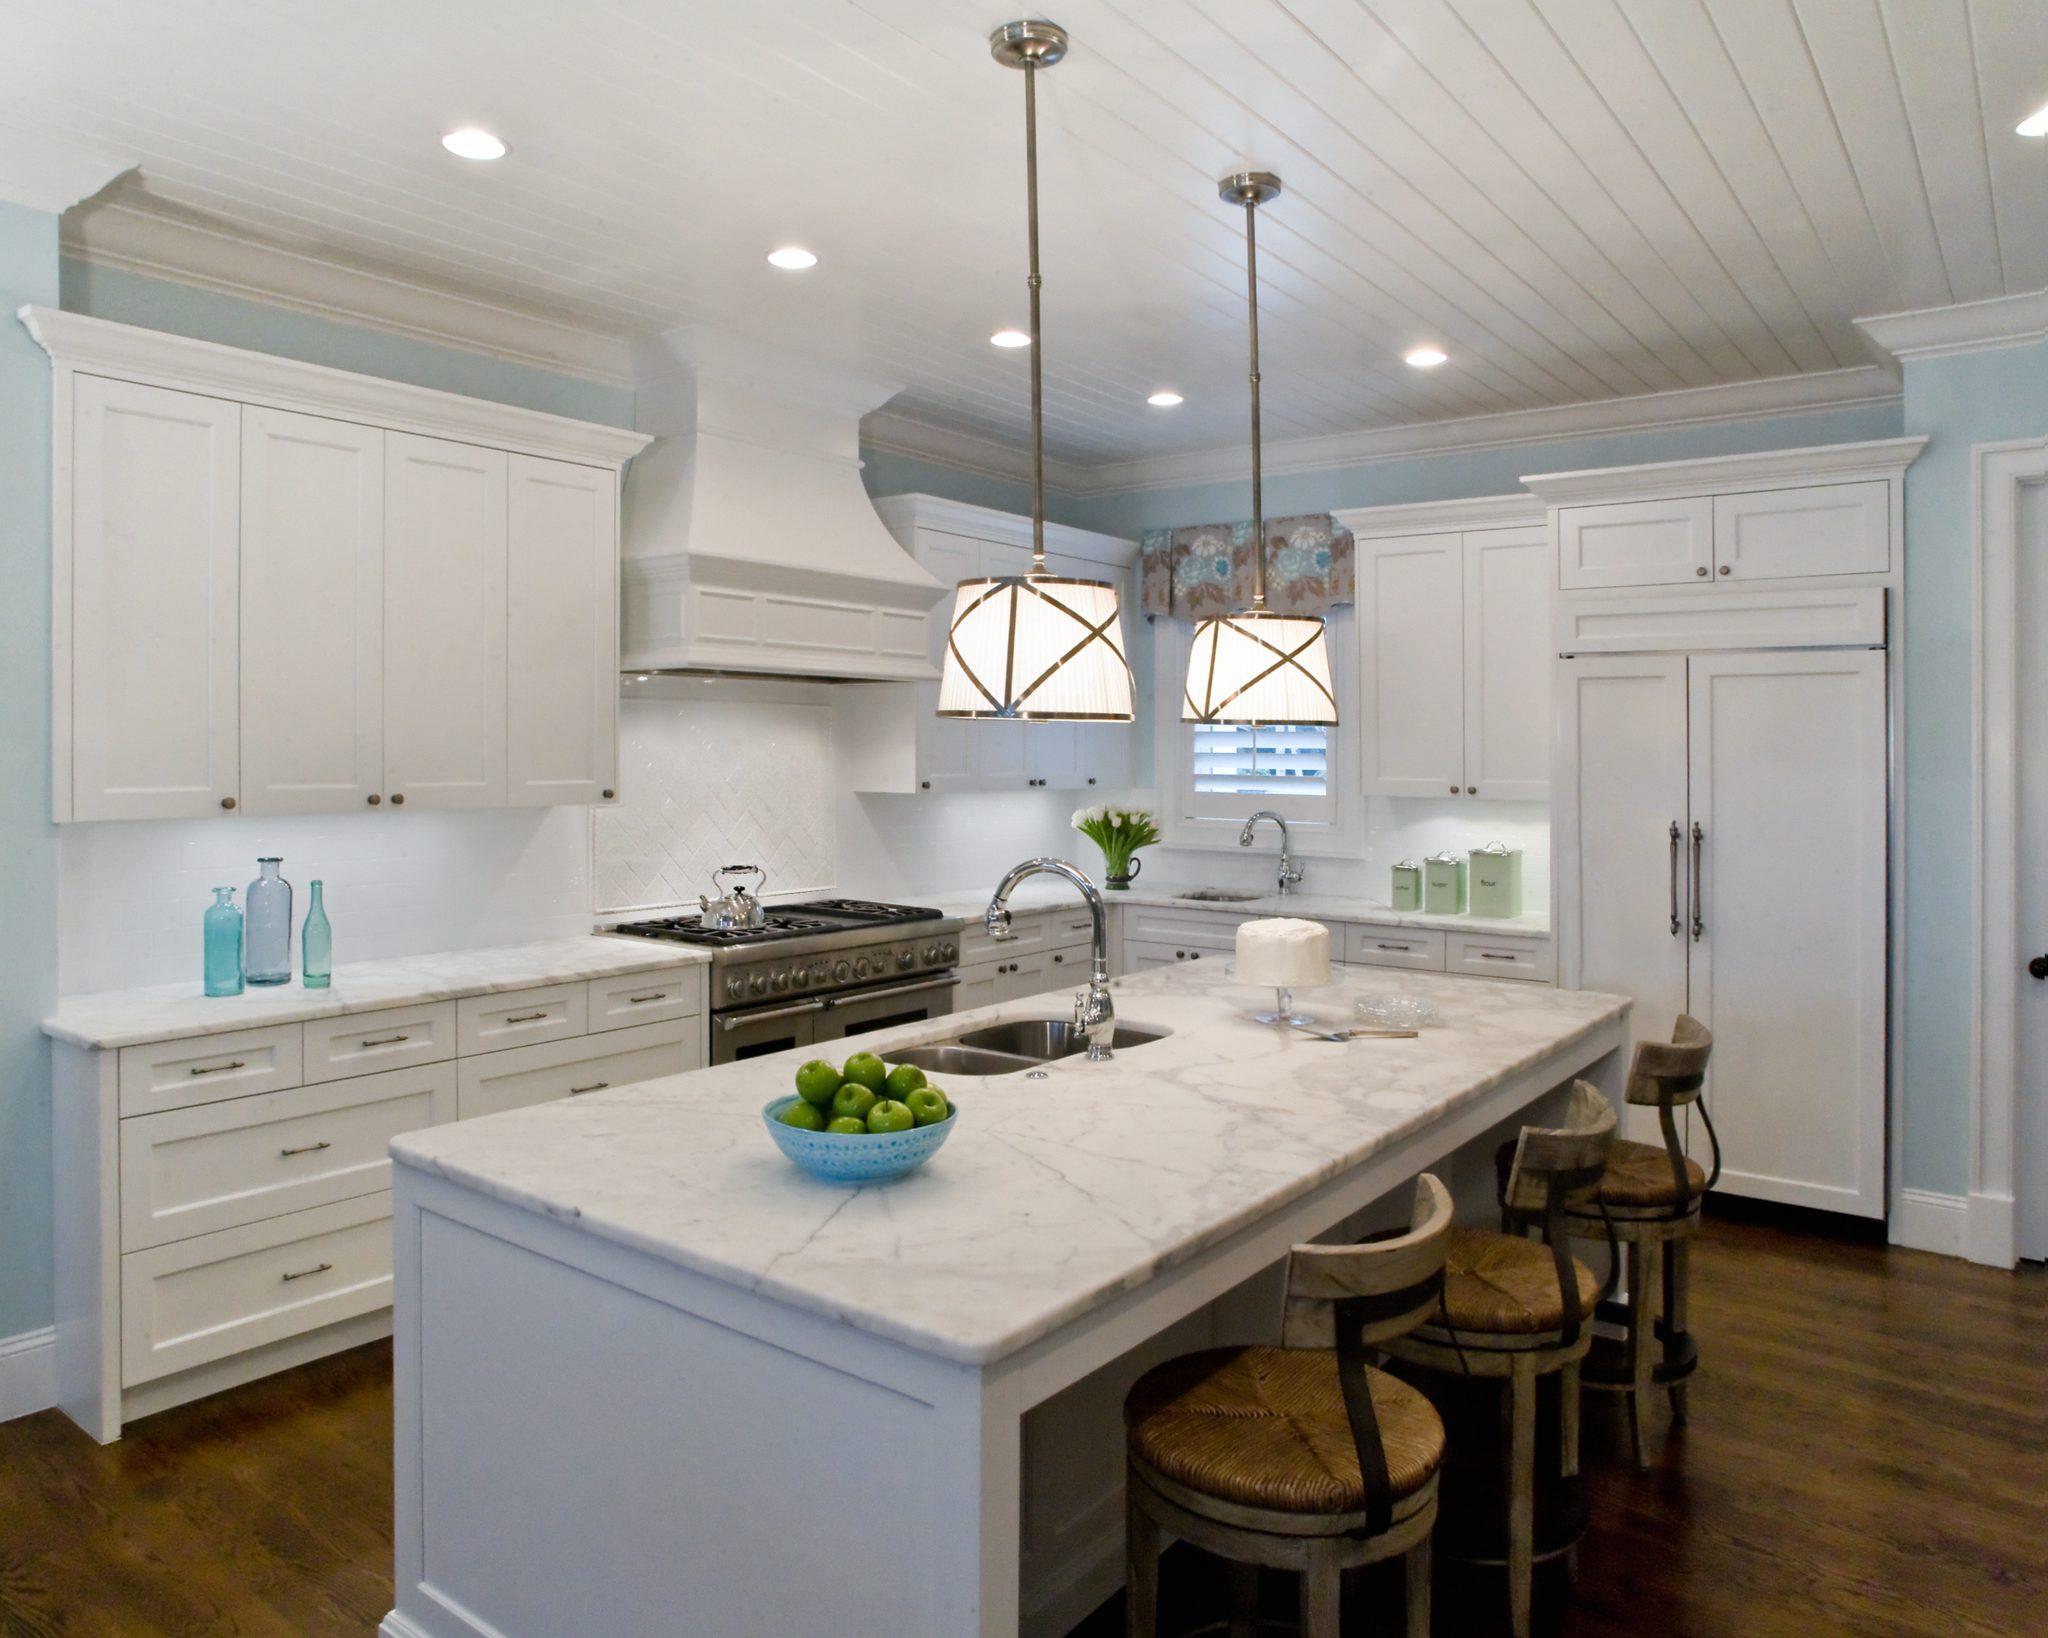 Coastal transitional cottage kitchen by Studio M Interior Design